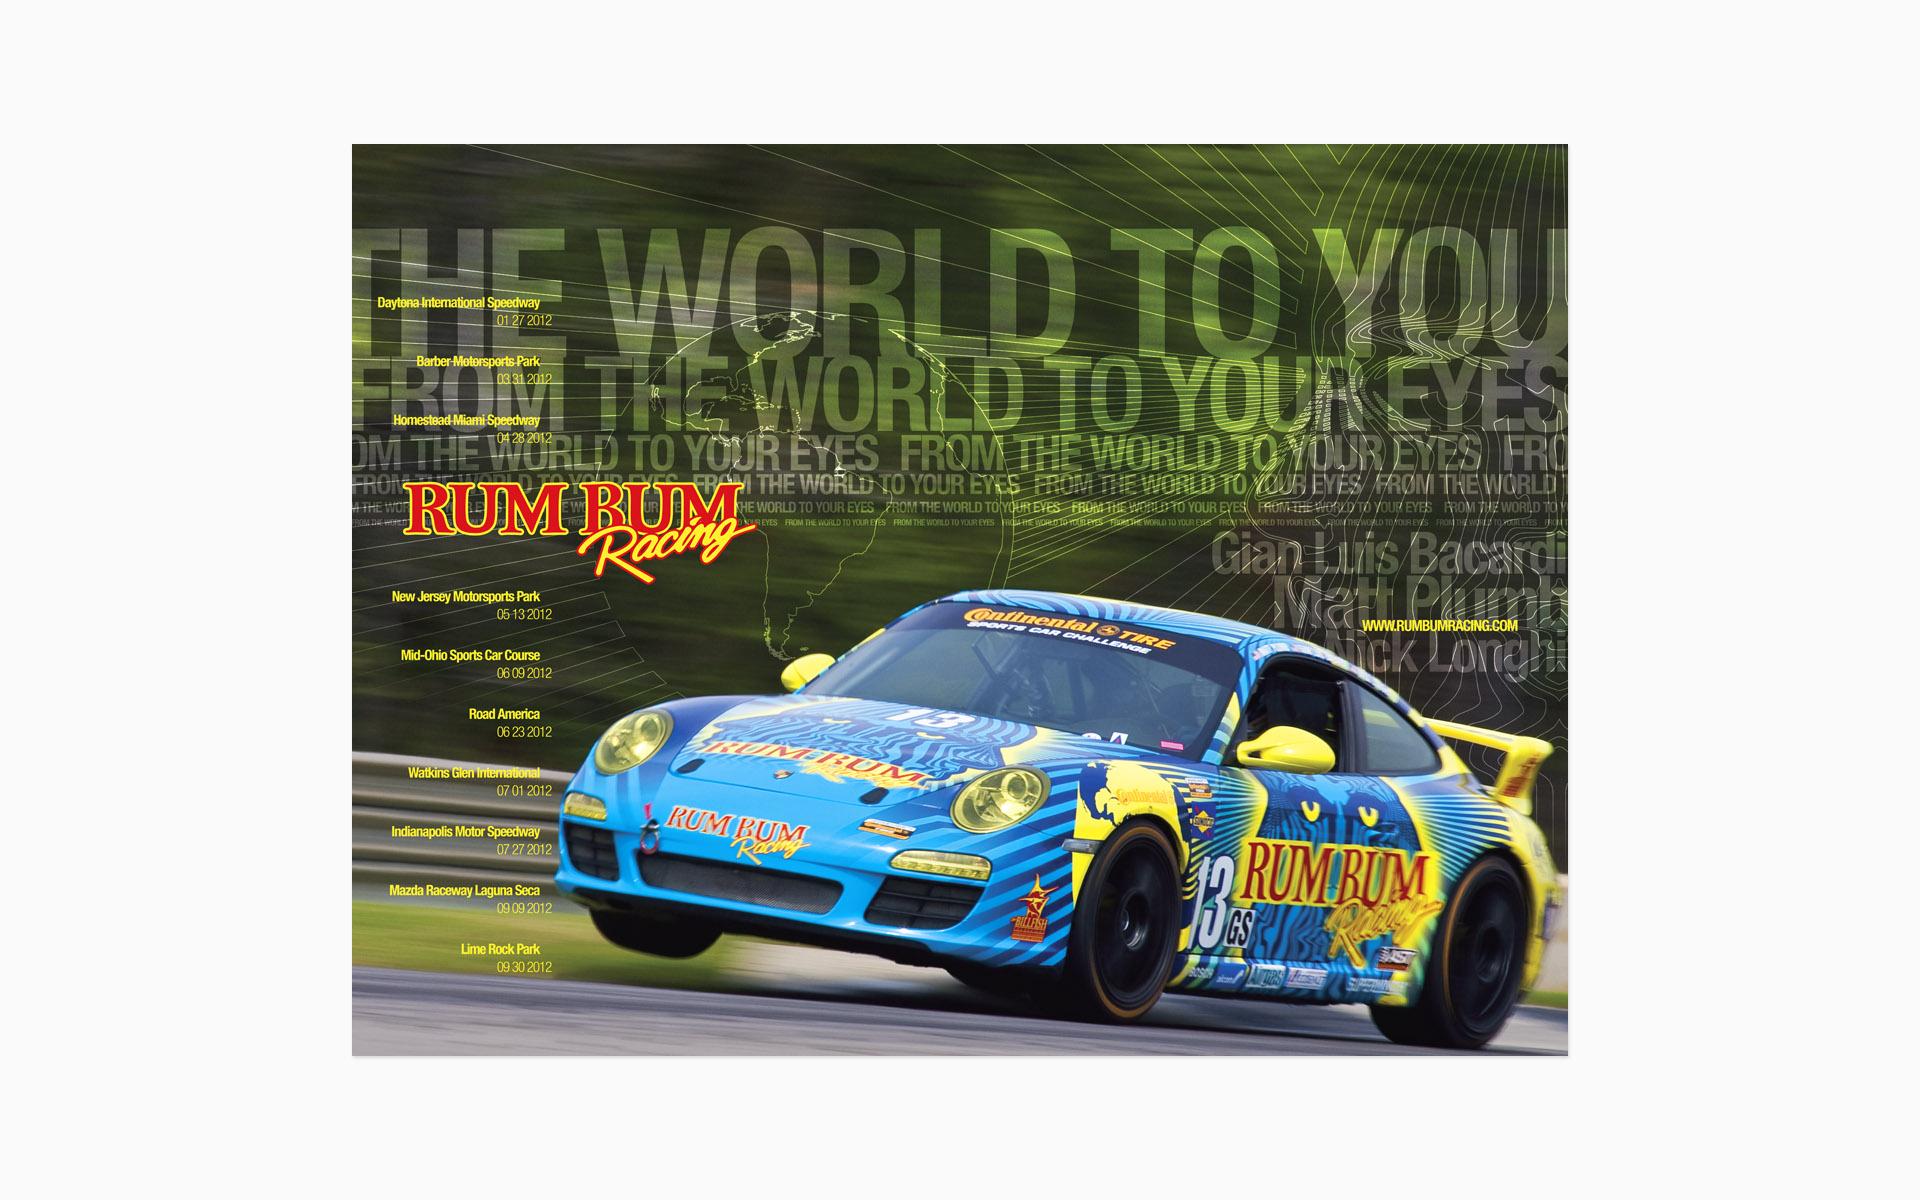 2012 Rum Bum Racing Poster